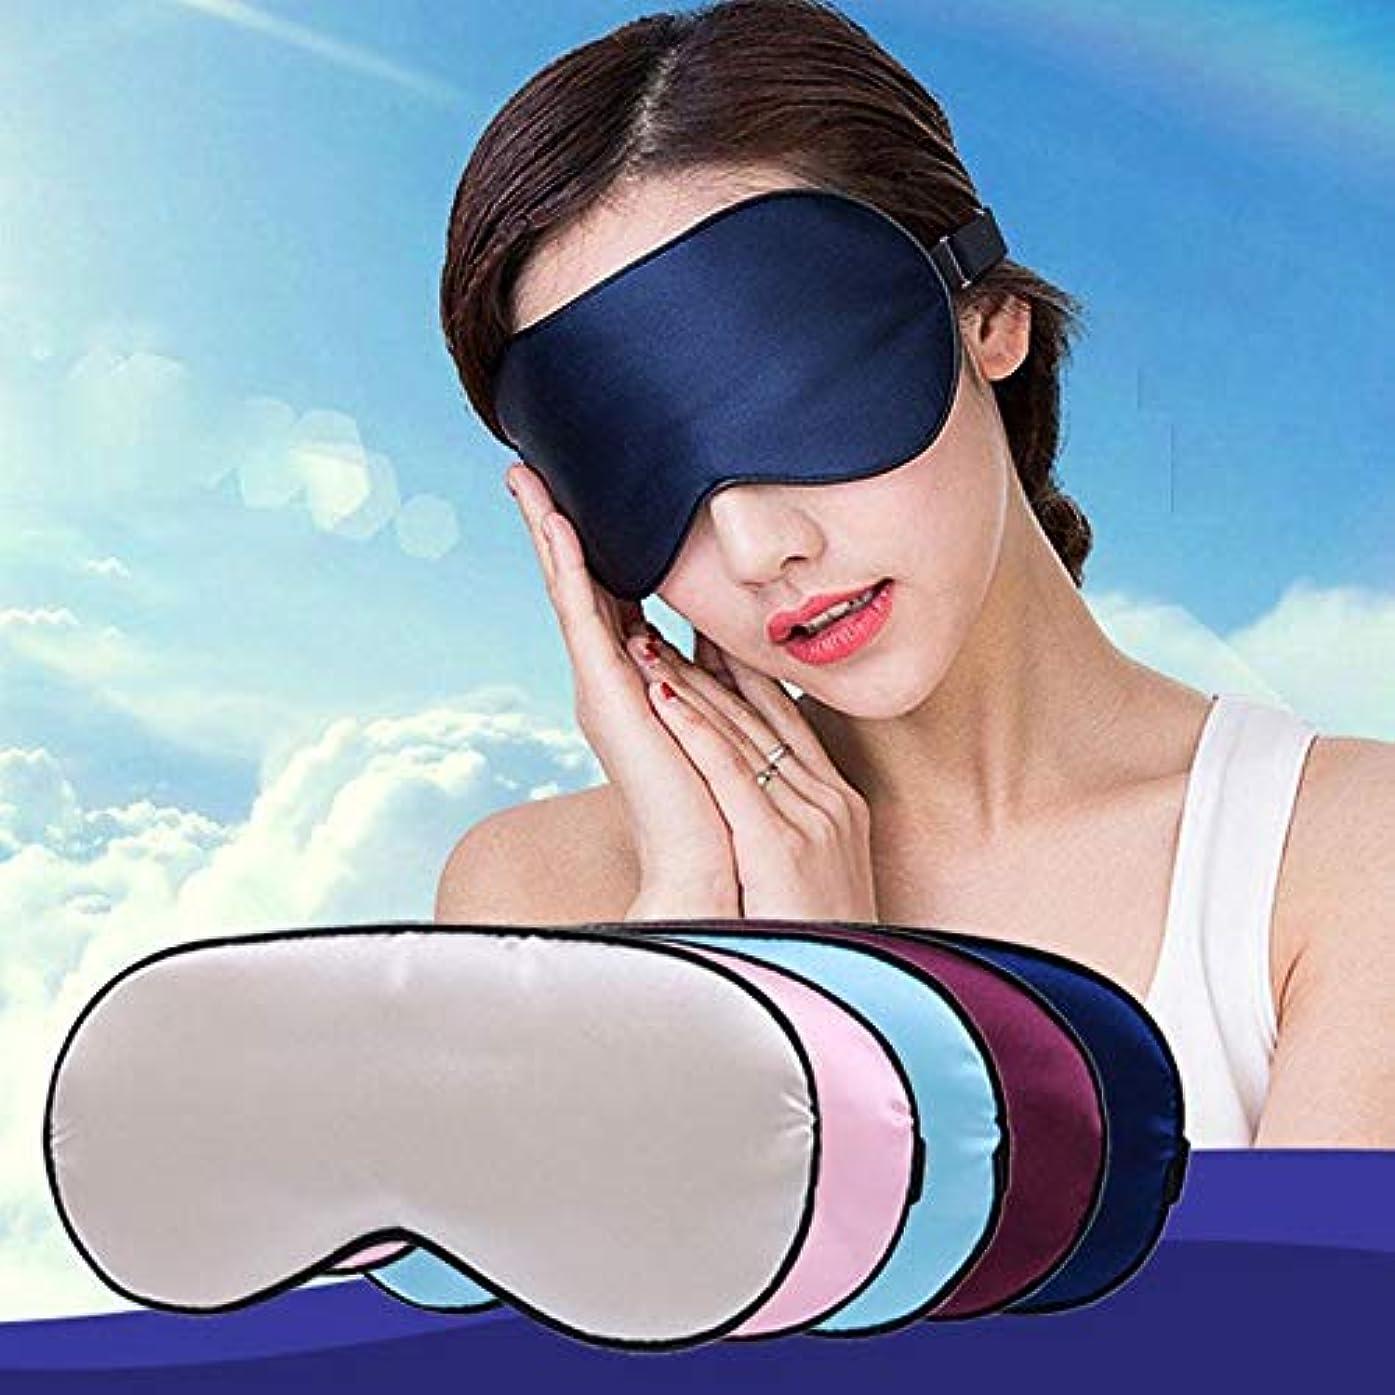 抽出クリスチャン驚メモシルクスムーススリープアイシェードリラックス補助アイマスク両刃の旅行睡眠アイマスクレストエイドソフトカバーアイパッチR4